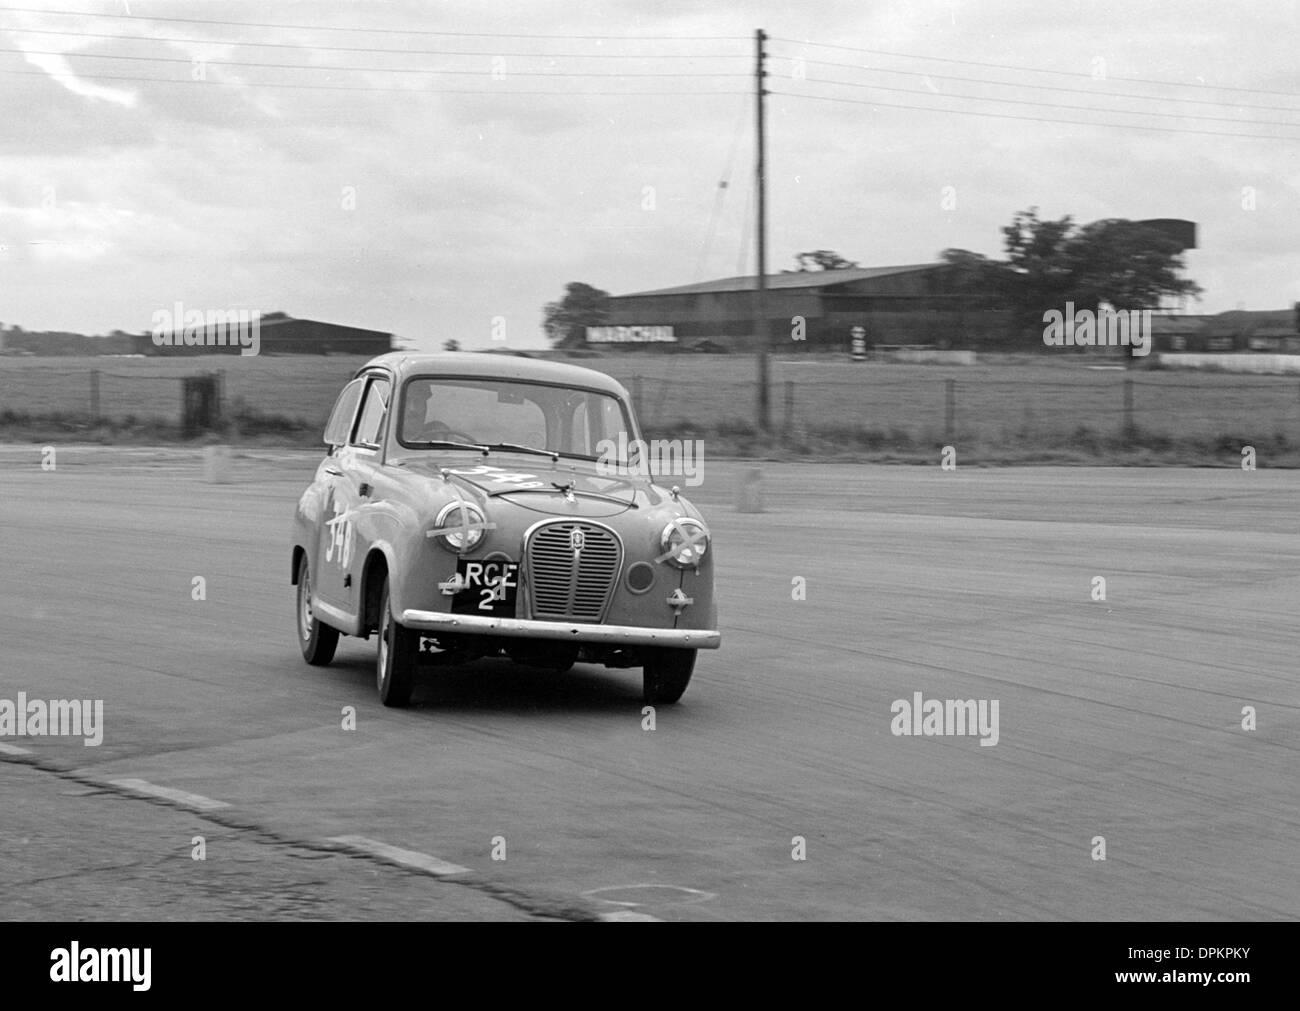 Austin A35 während 750 Motor Club 6-Stunden-Relais-Rennen von Silverstone 1957 Stockbild